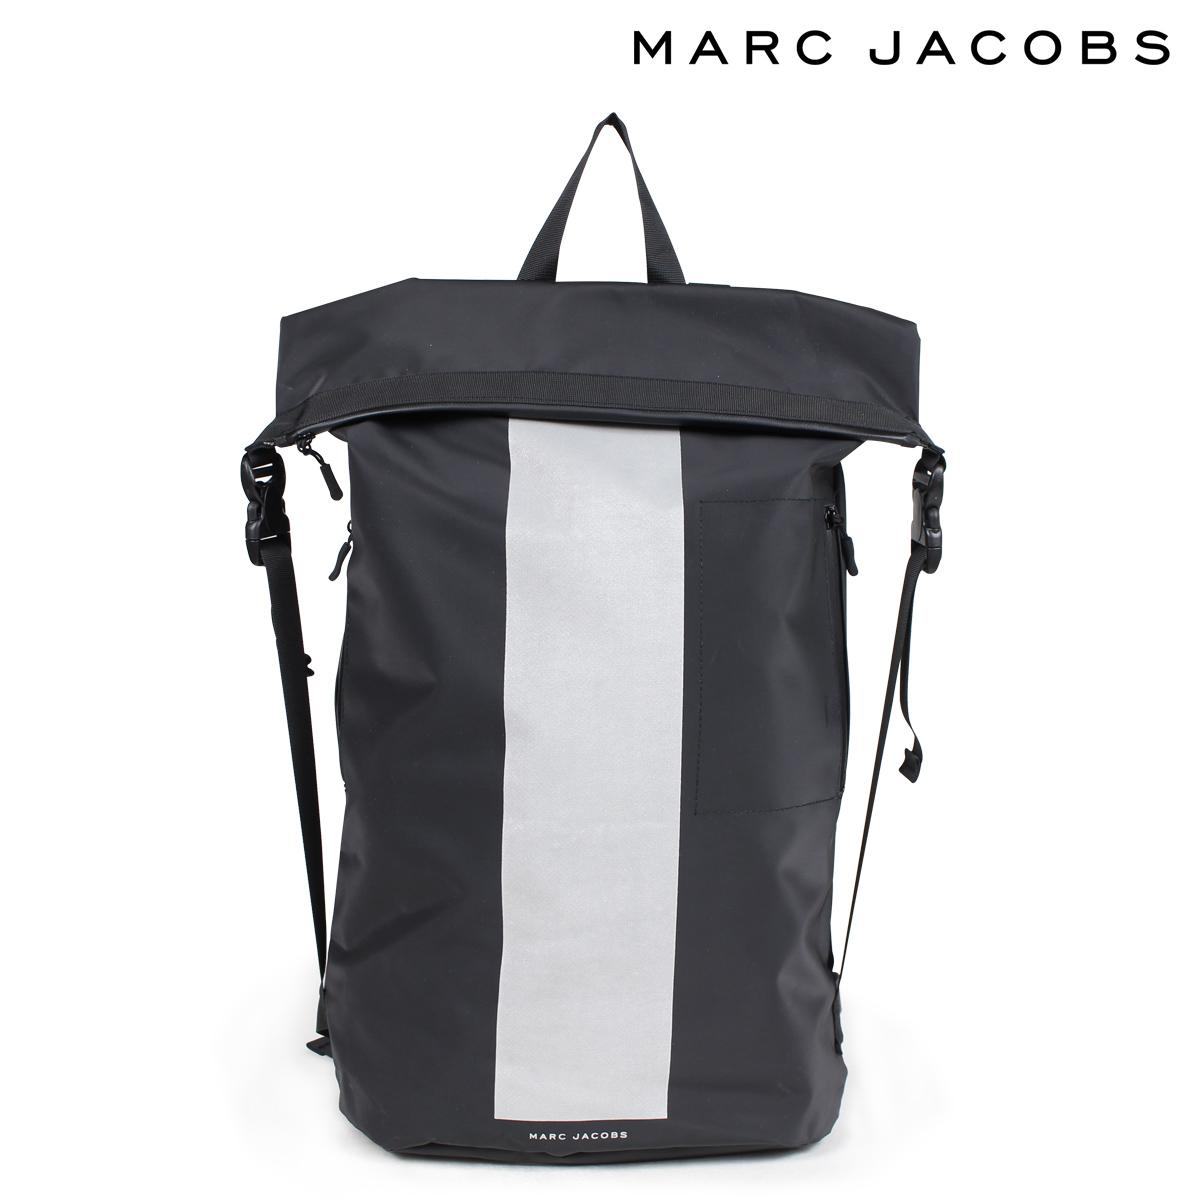 MARC JACOBS マークジェイコブス リュック バッグ バッグパック レディース メンズ LOGO BACKPACK ブラック 黒 M7000233